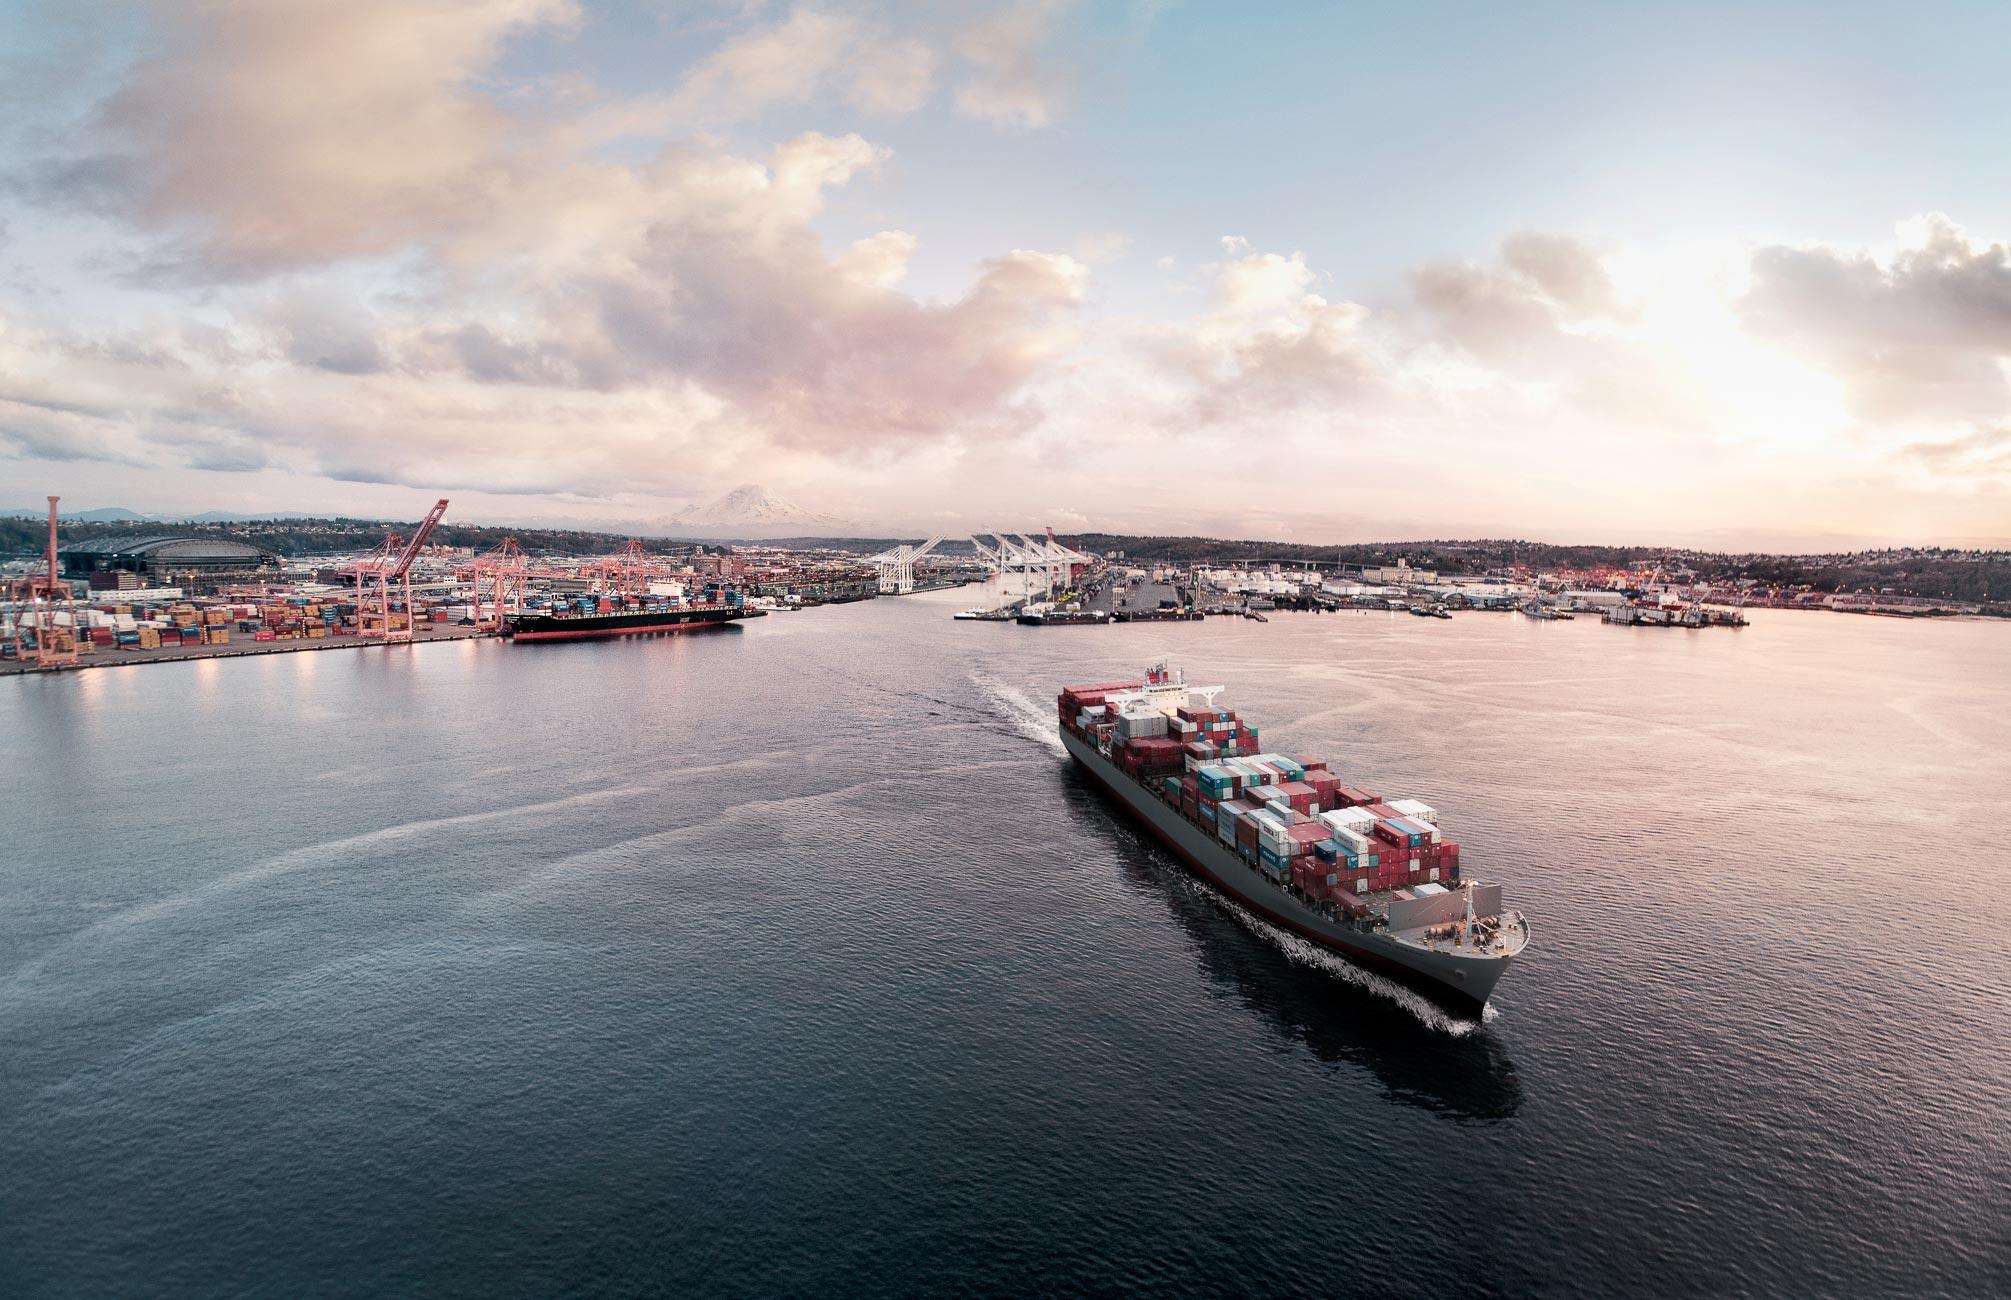 Commercial_Shipping_Cargo_SEA.jpg